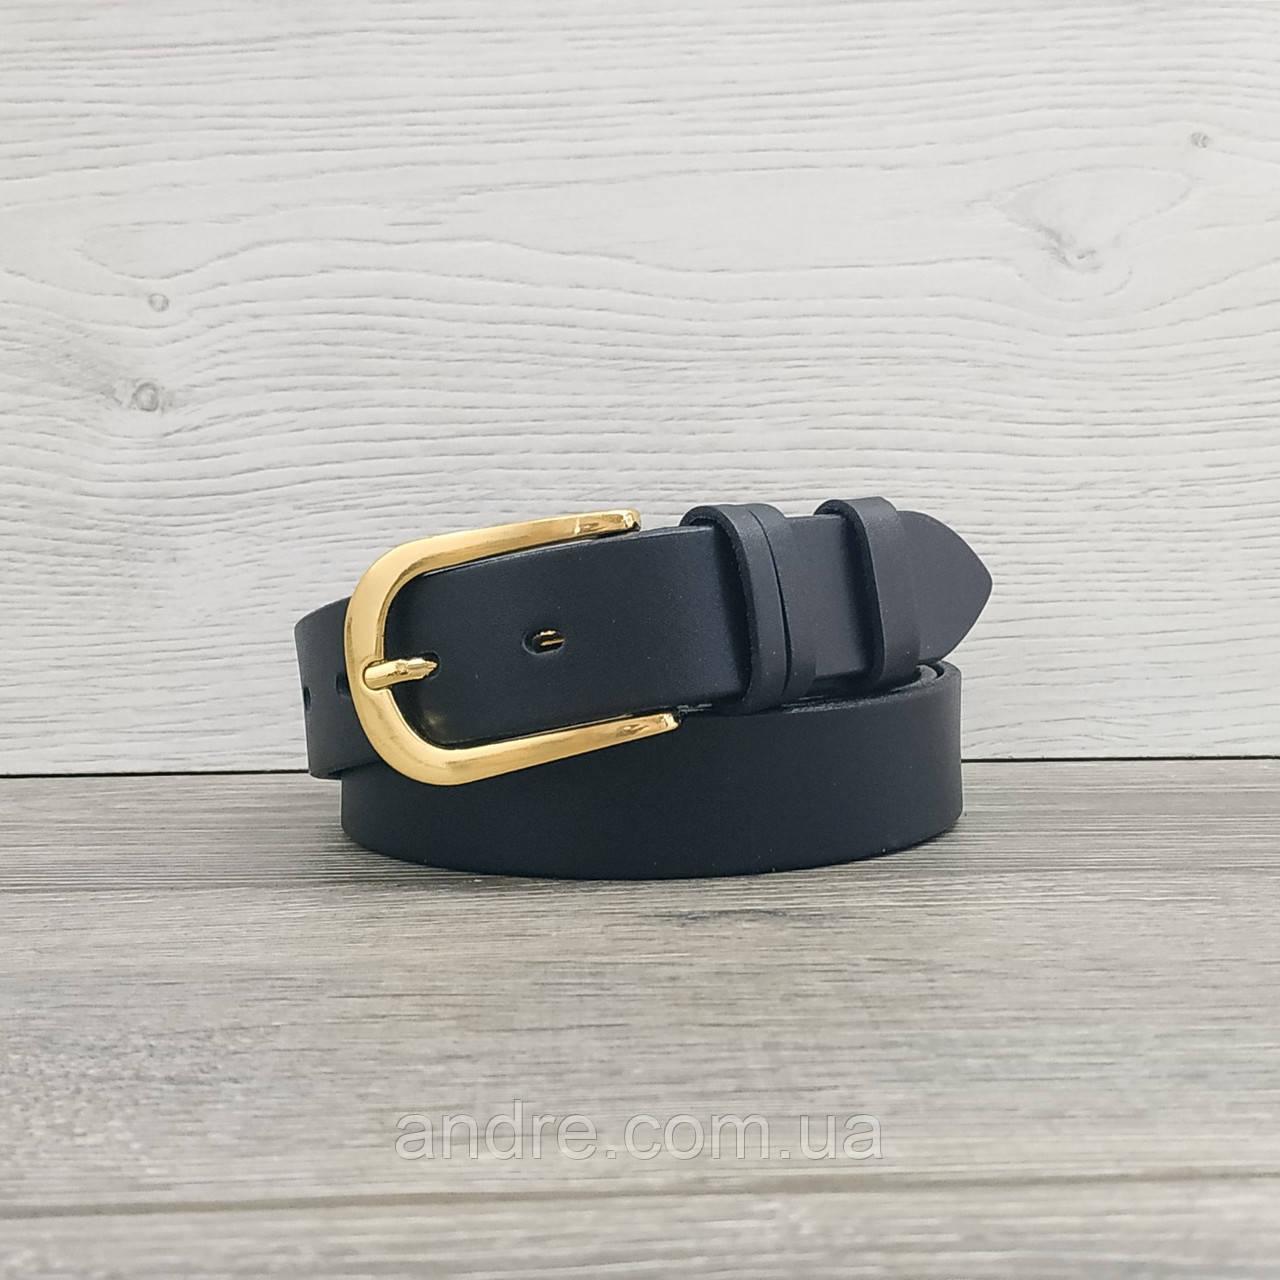 Женский кожаный ремень черный 30мм